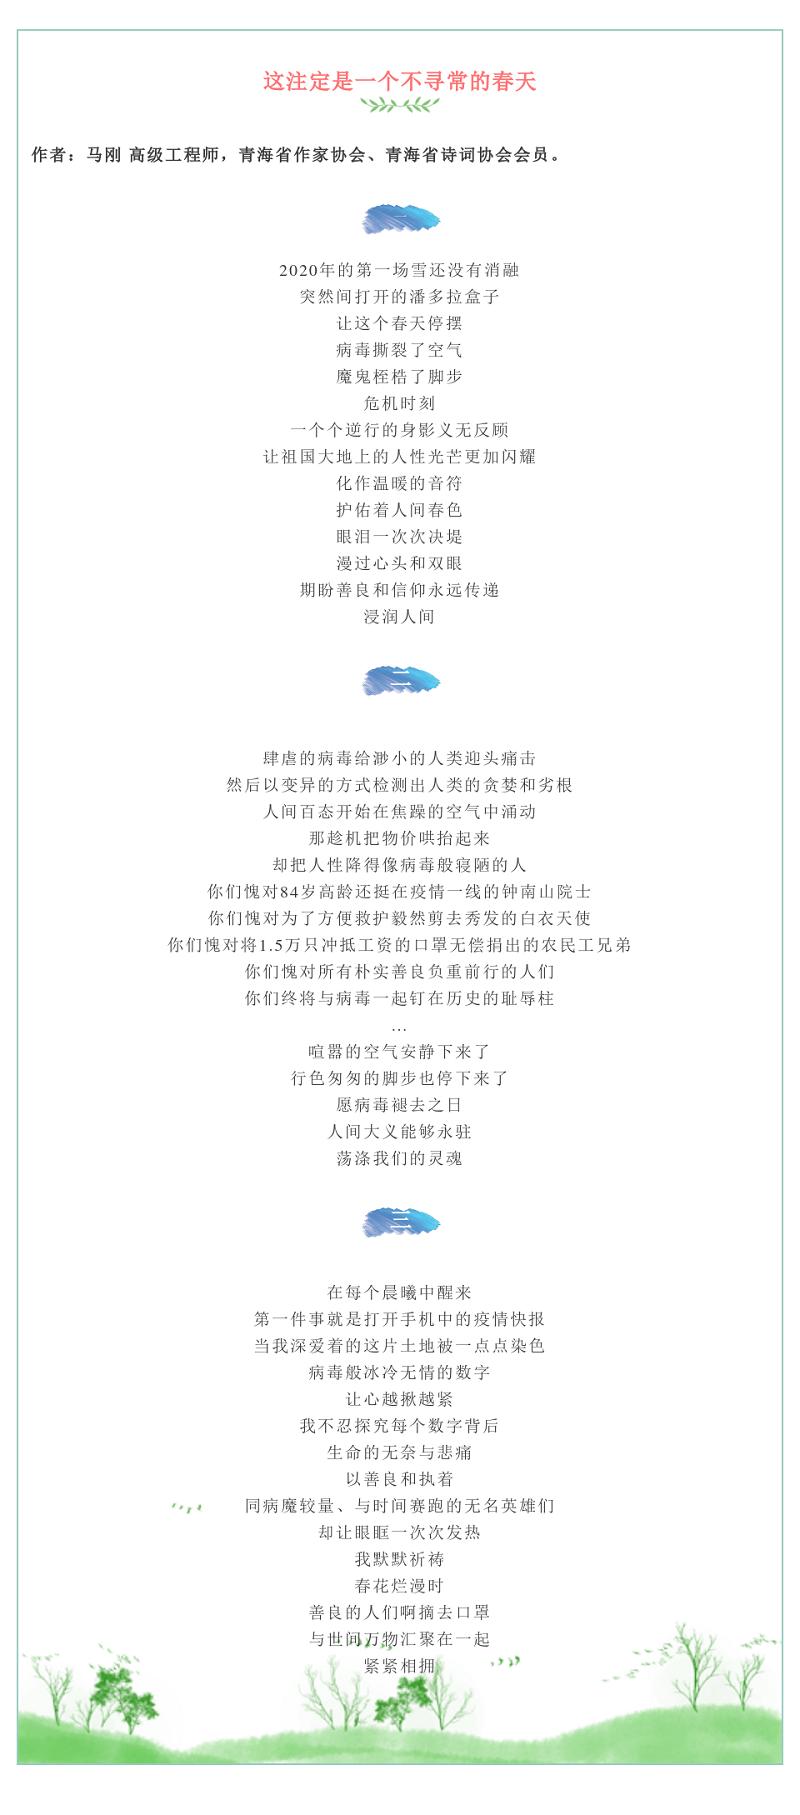 http://www.zgqhl.cn/qinghaifangchan/32954.html